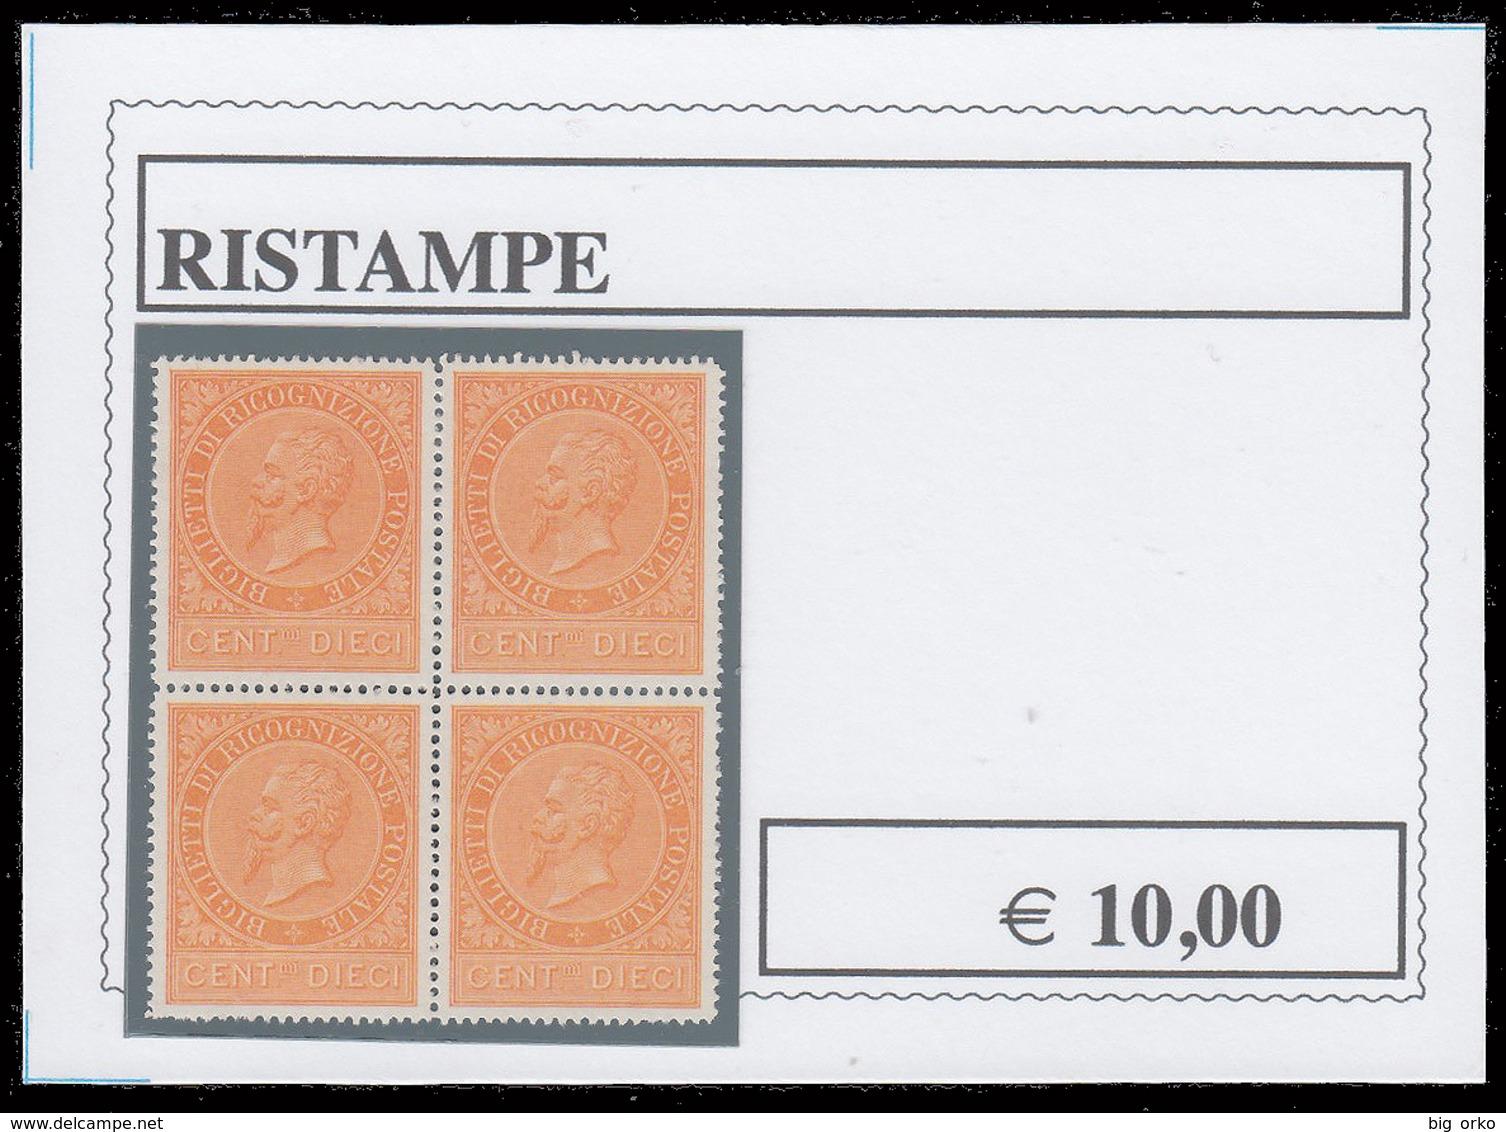 RICOGNIZIONE POSTALE - Effige Di Vittorio Emanuele II (filigrana Scudo Di Savoia) - 10 C. Ocra Arancio - 1874 - Servizi